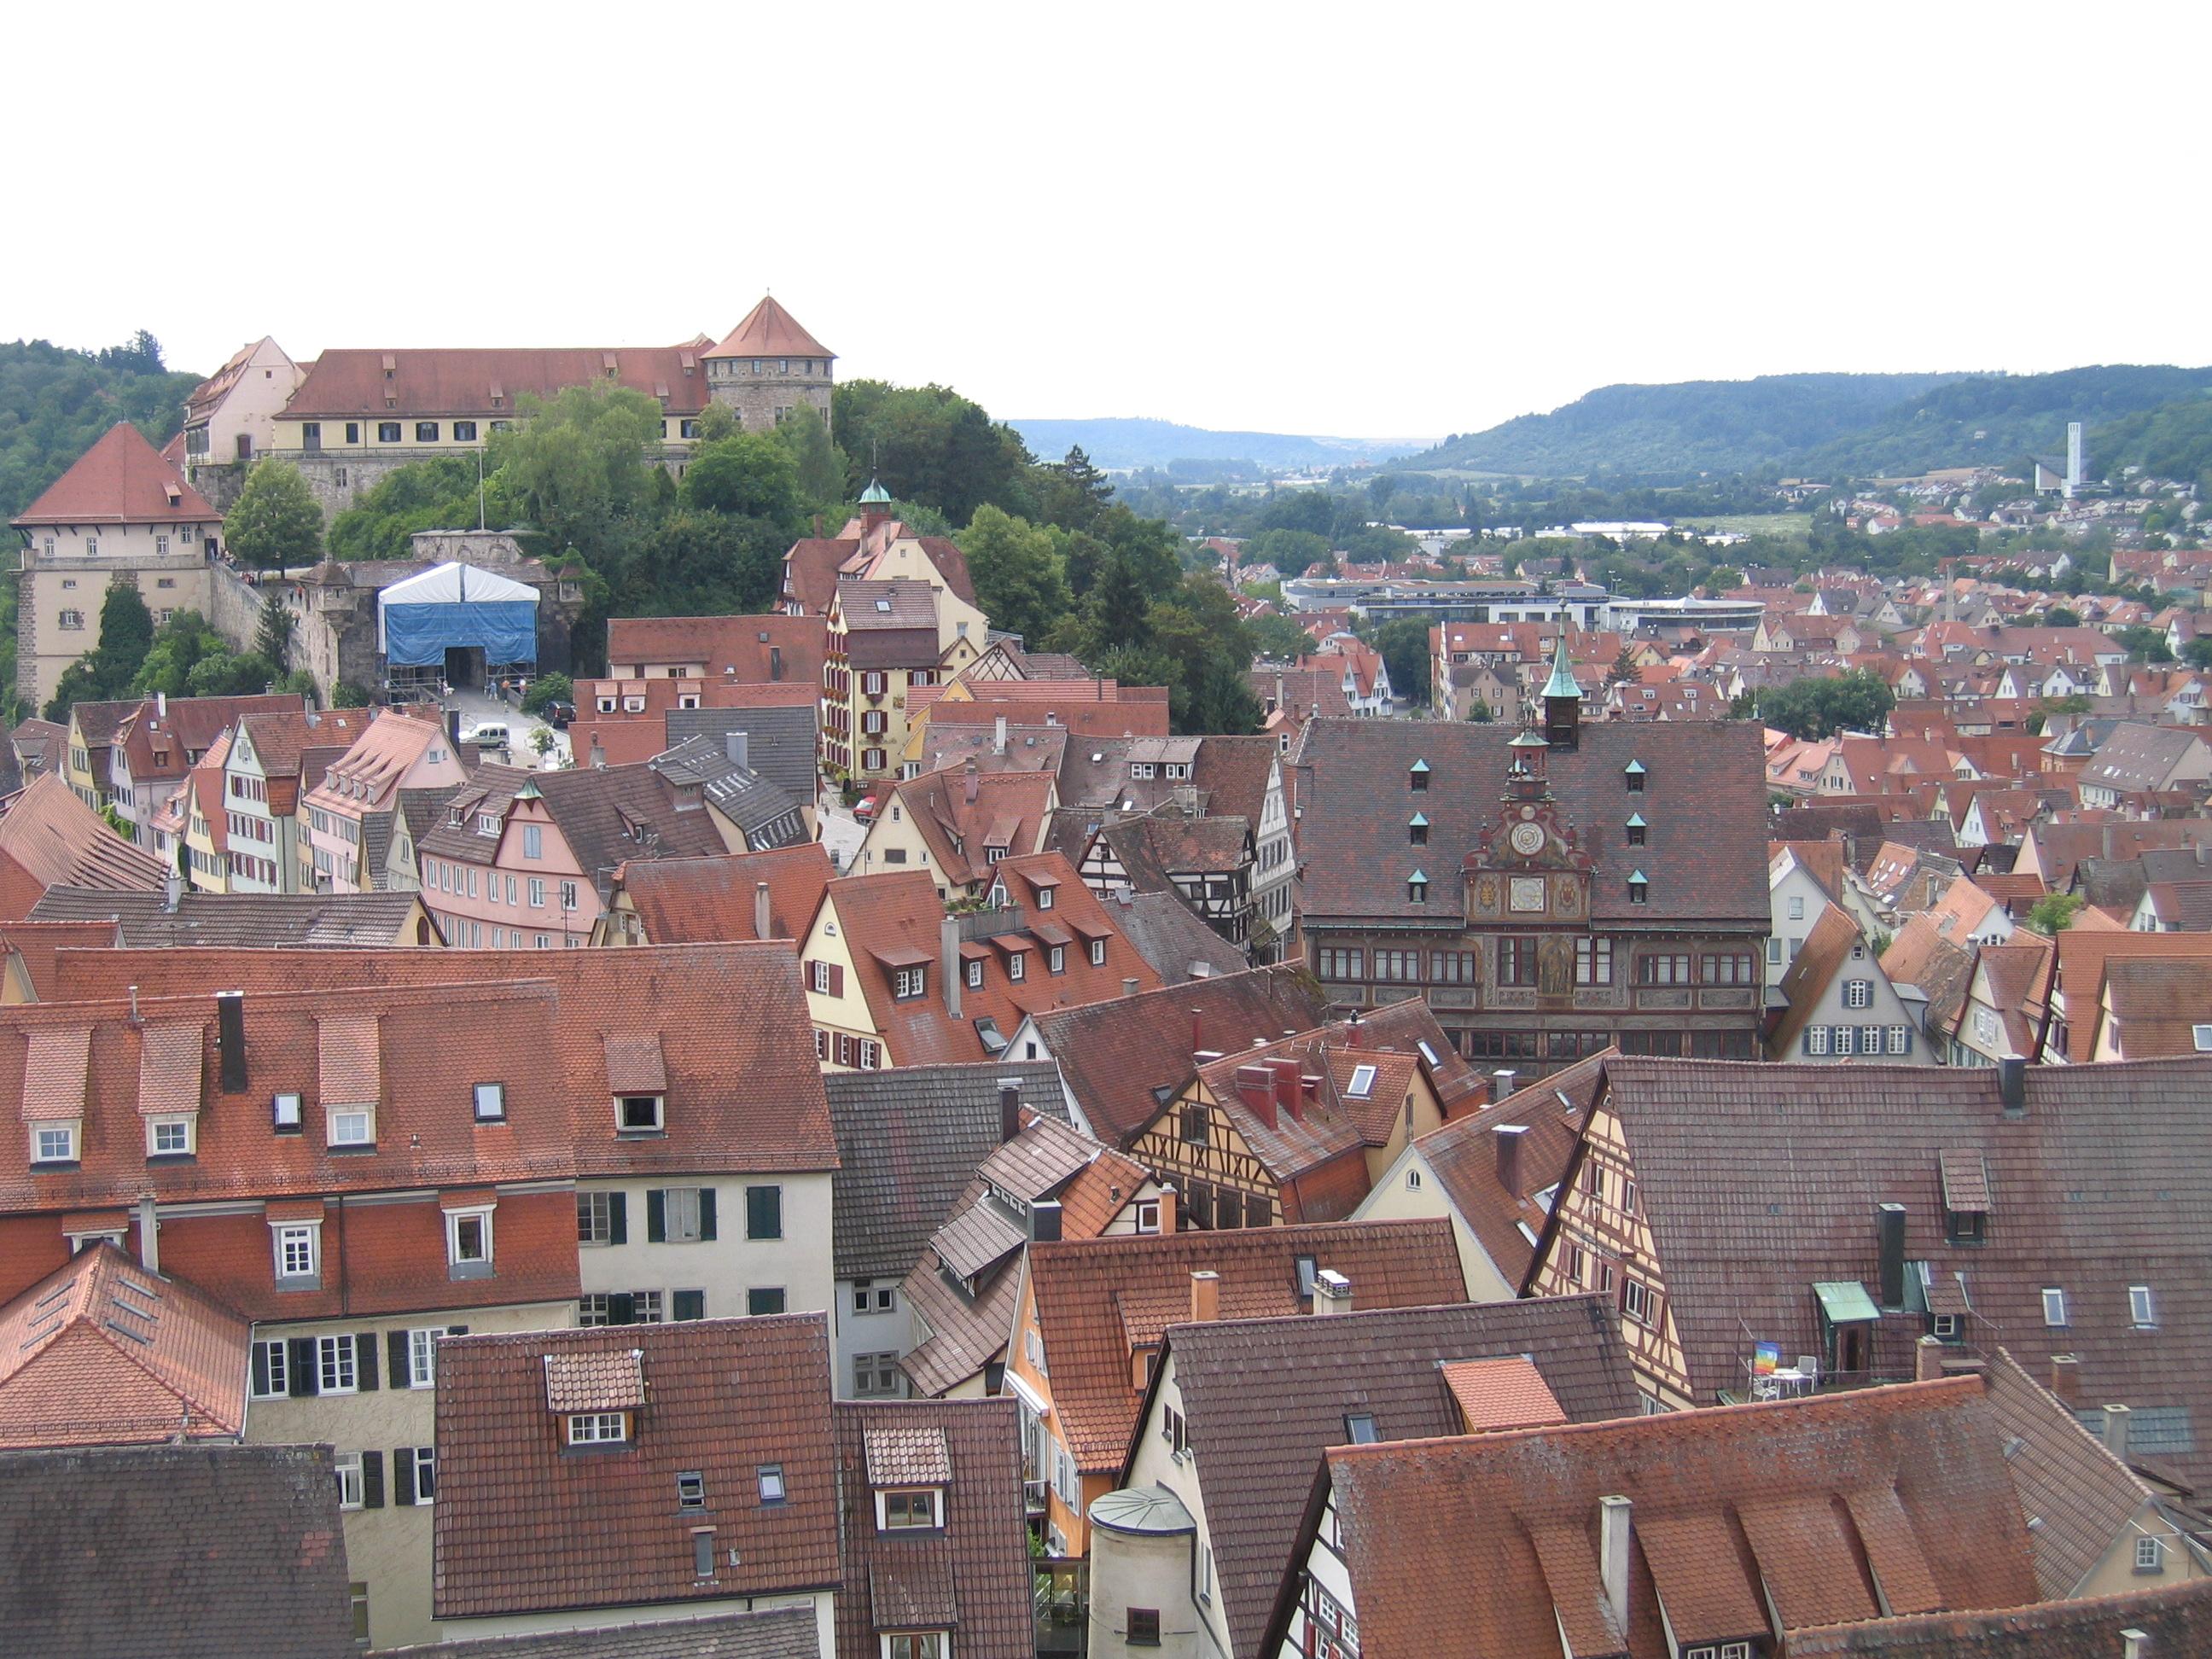 bild chat Tübingen